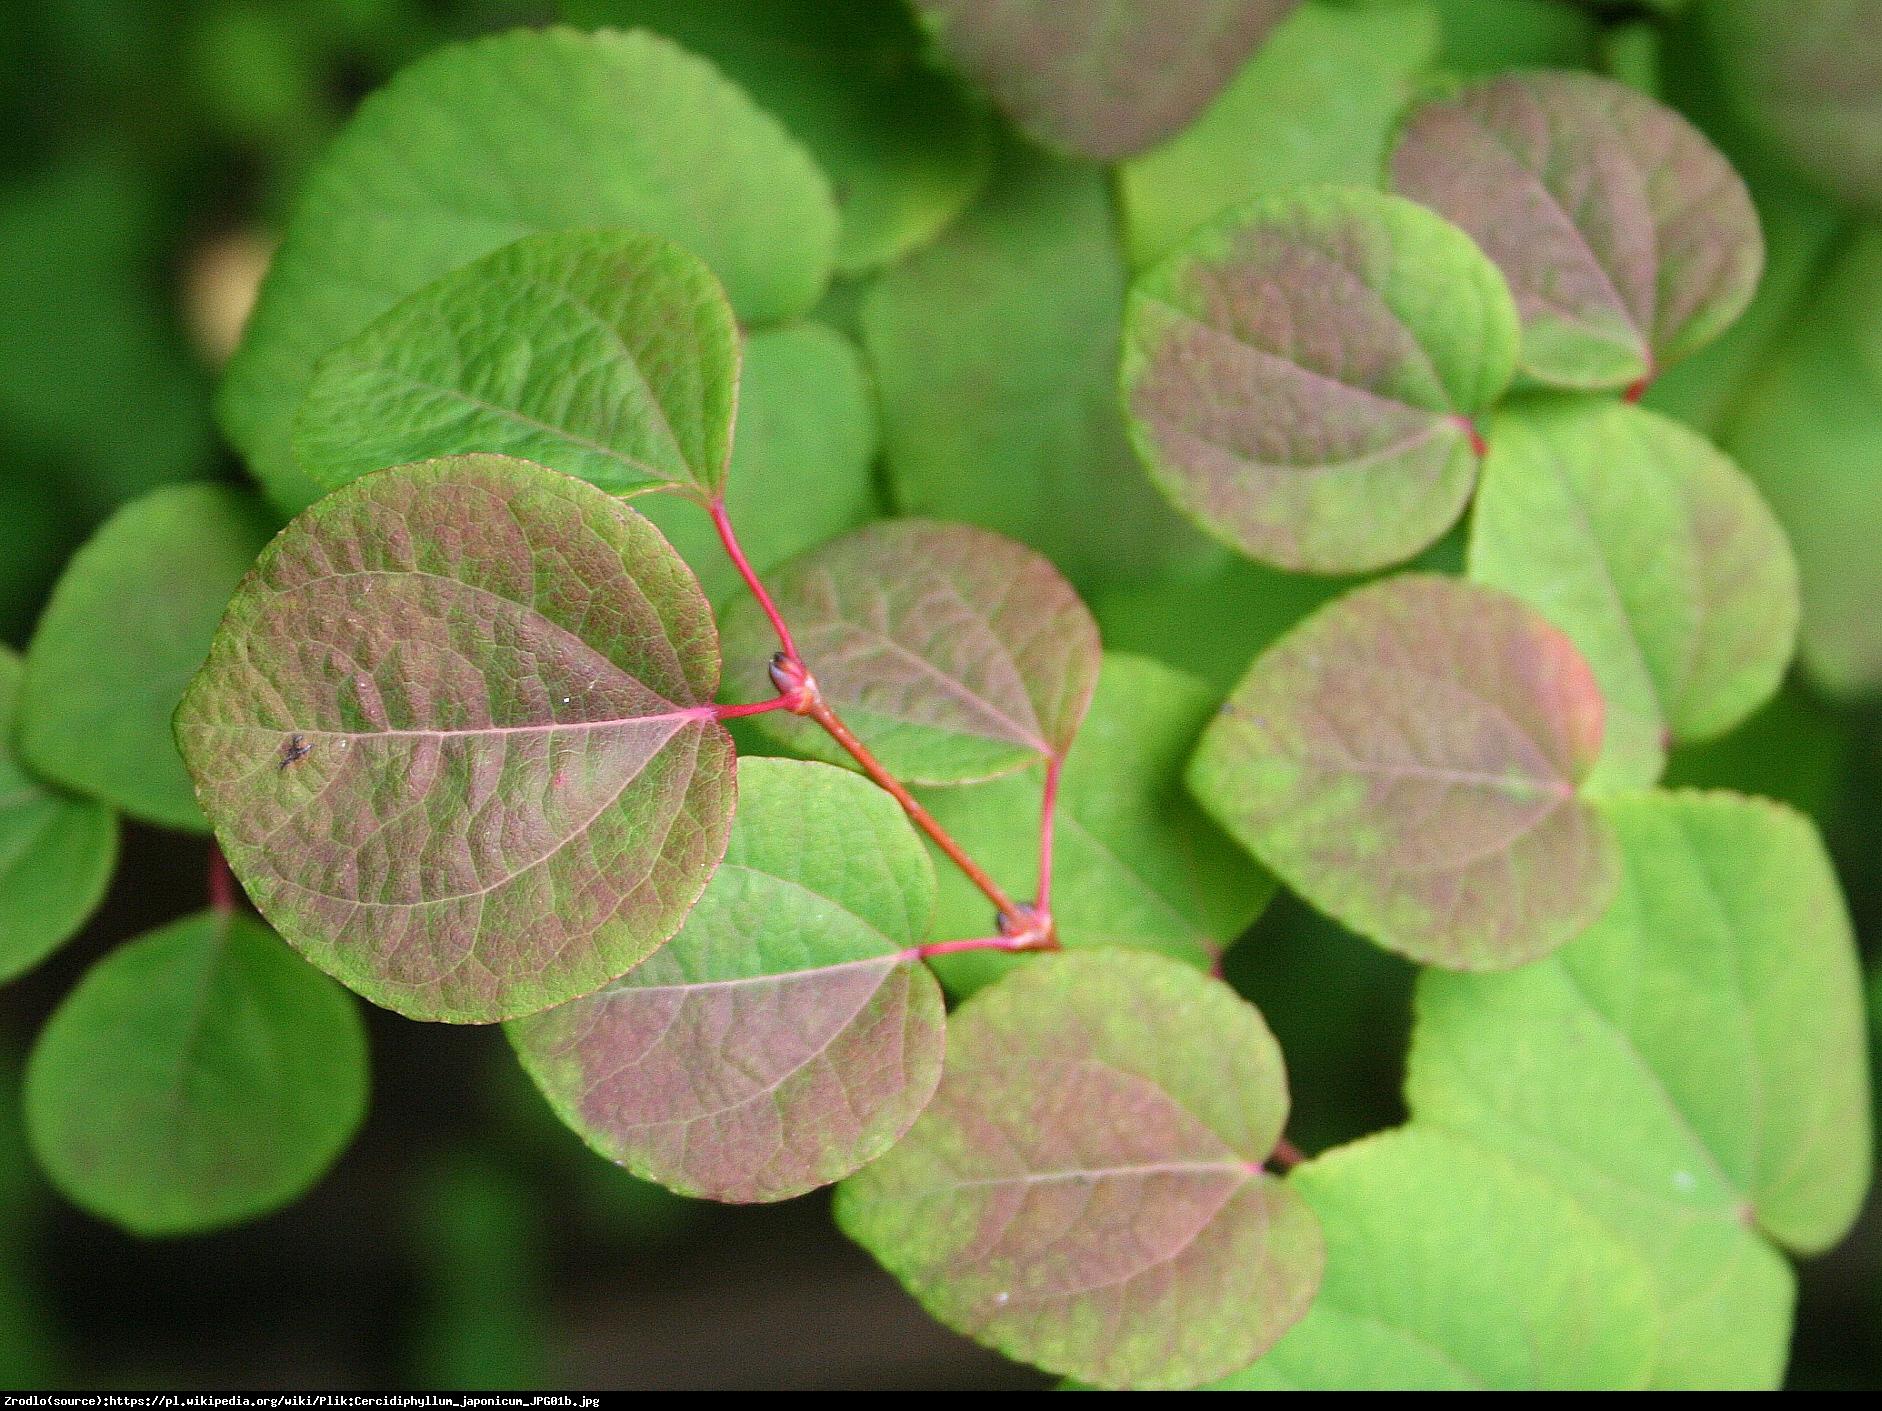 Grujecznik japoński - Cercidophylum japonicum